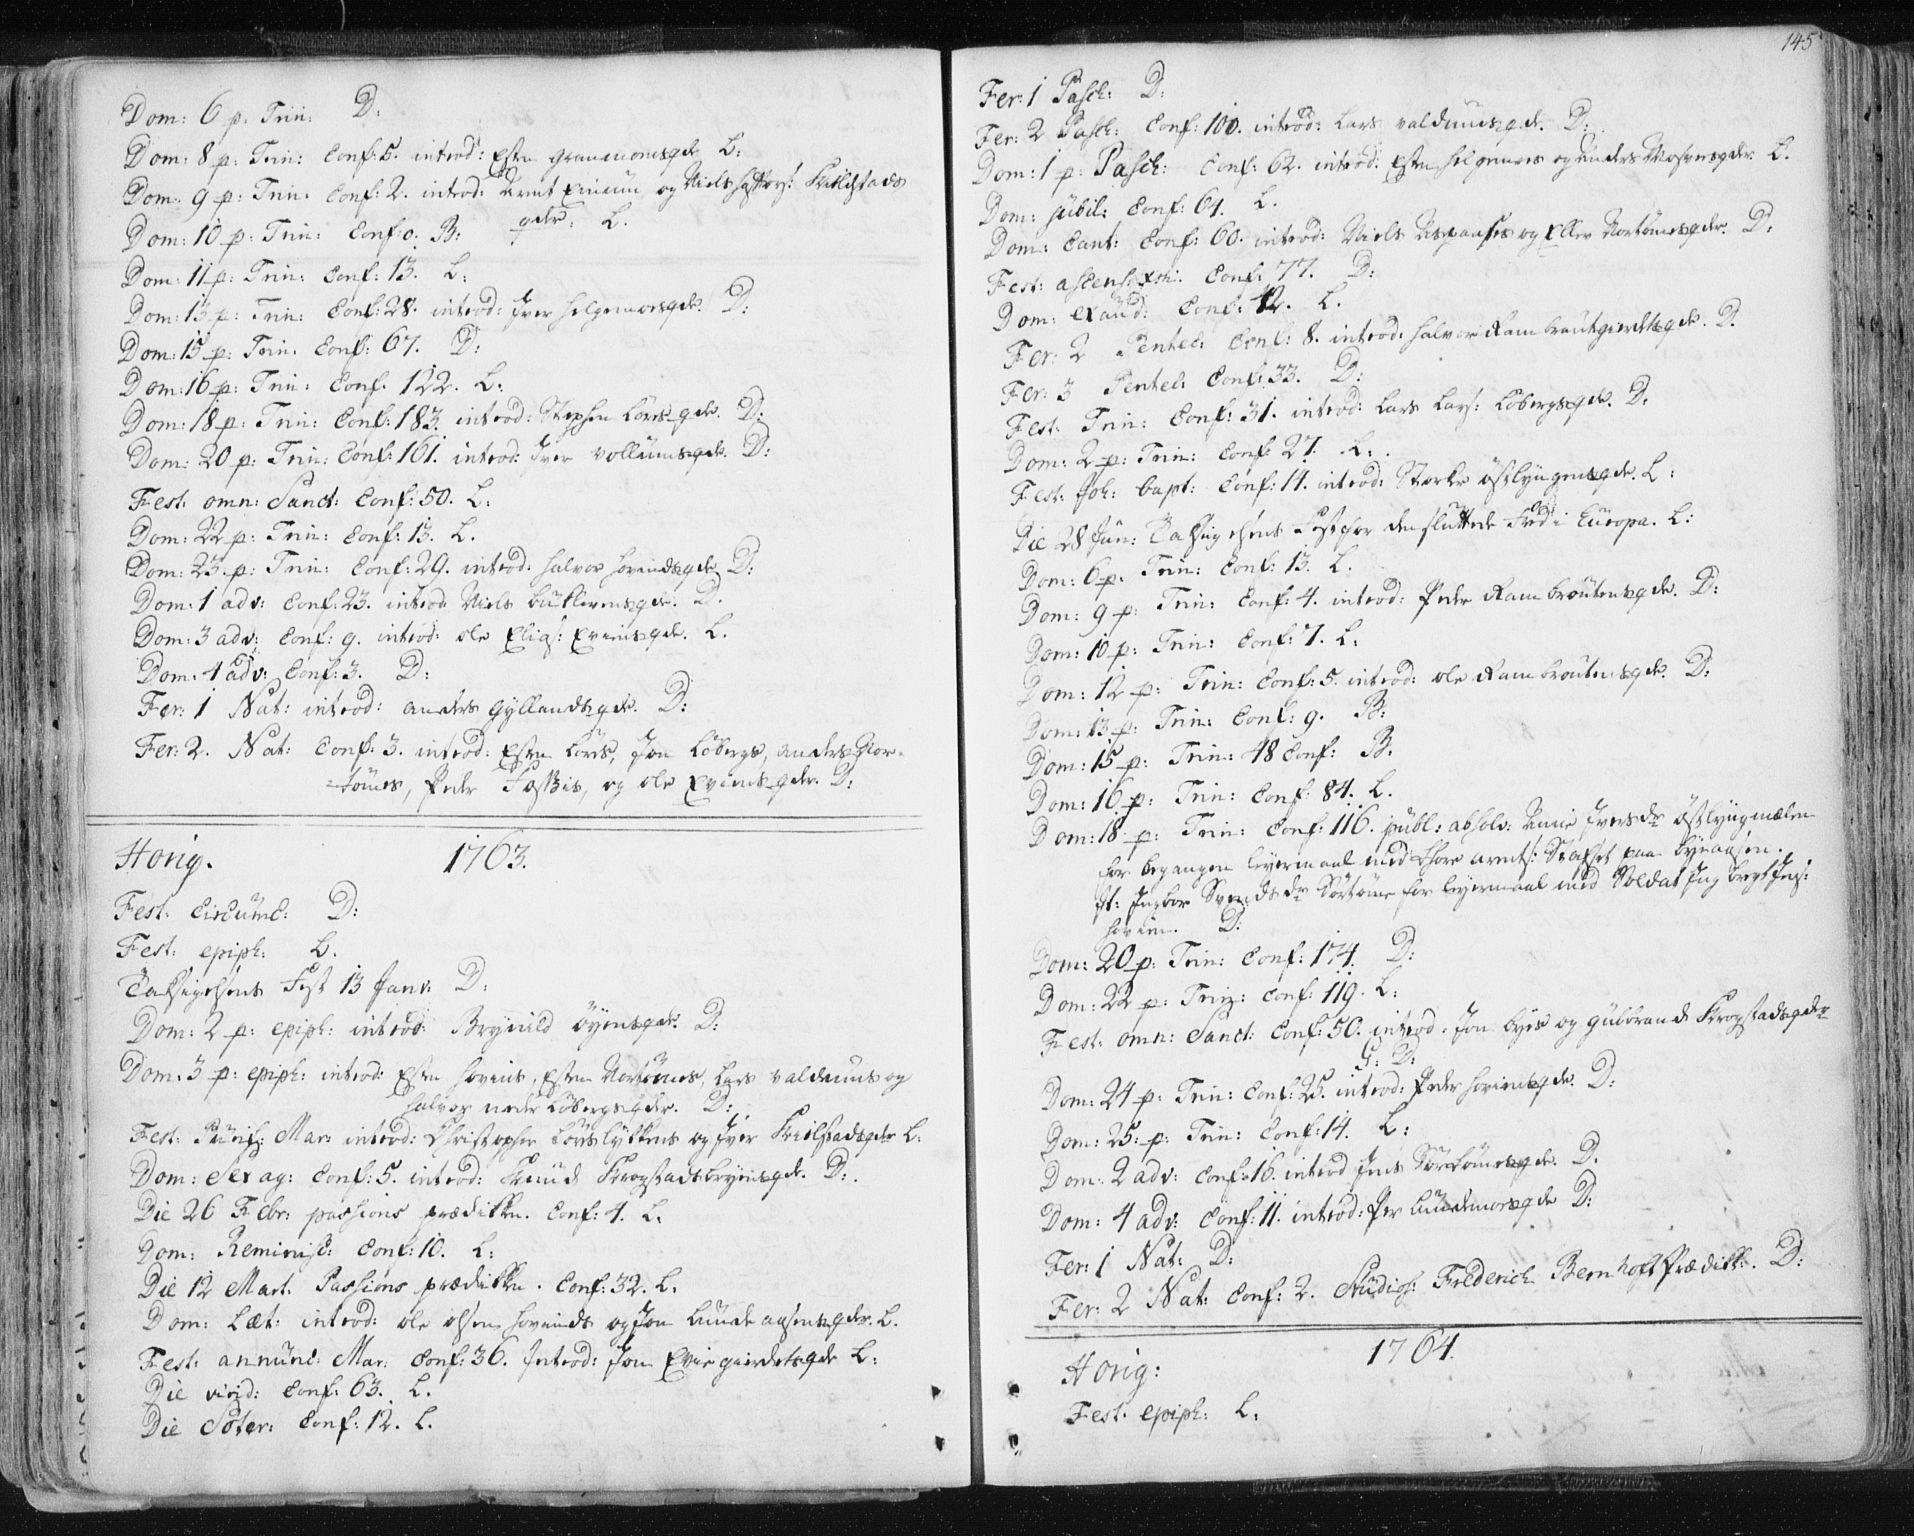 SAT, Ministerialprotokoller, klokkerbøker og fødselsregistre - Sør-Trøndelag, 687/L0991: Ministerialbok nr. 687A02, 1747-1790, s. 145